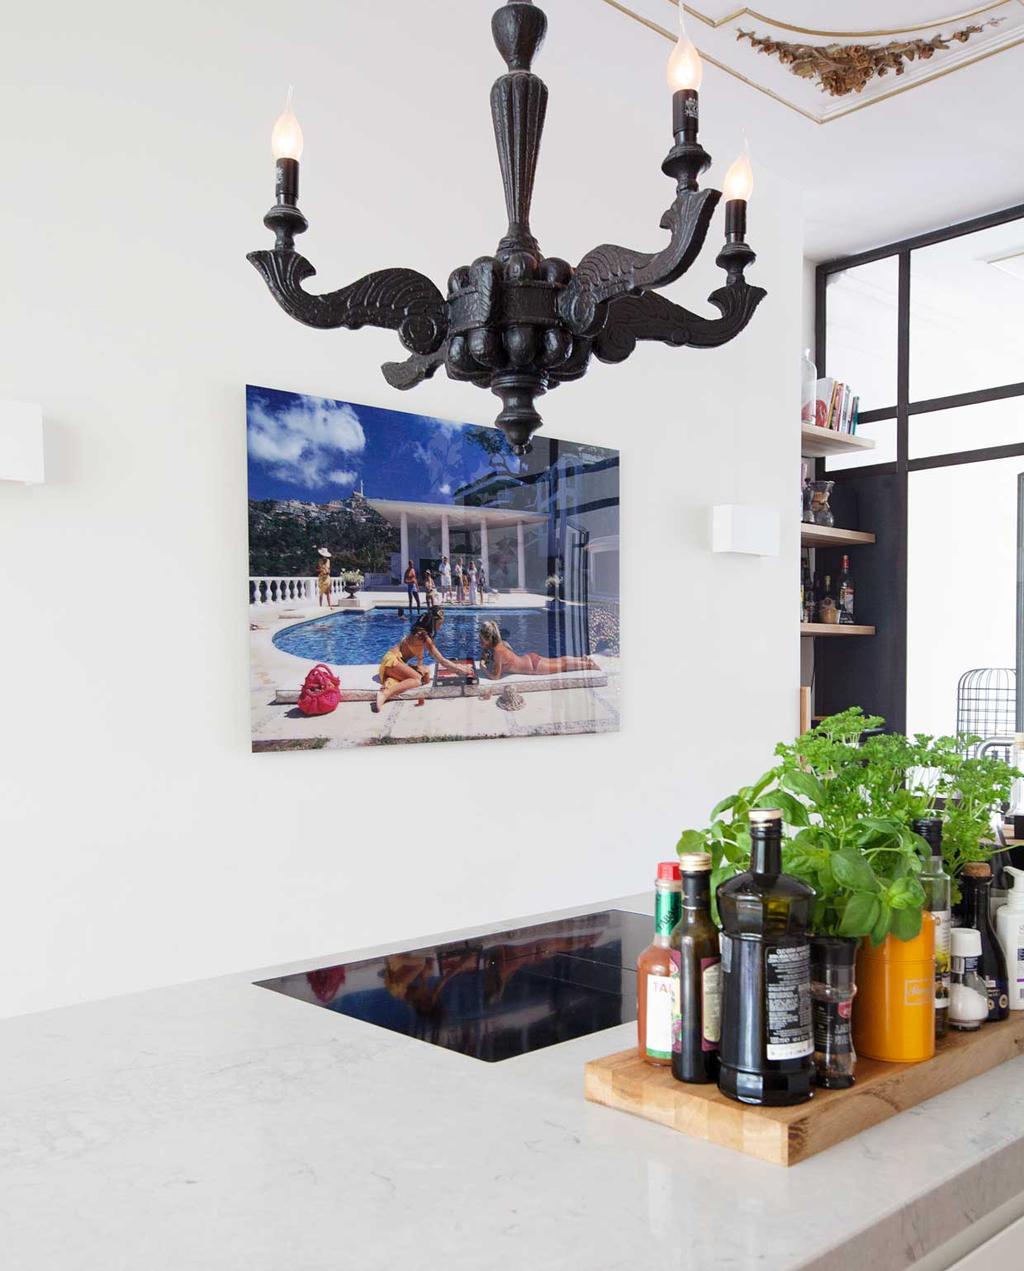 vtwonen binnenkijkspecial 12 | binnenkijken in een herenhuis met een mix van klassiek en design | keuken